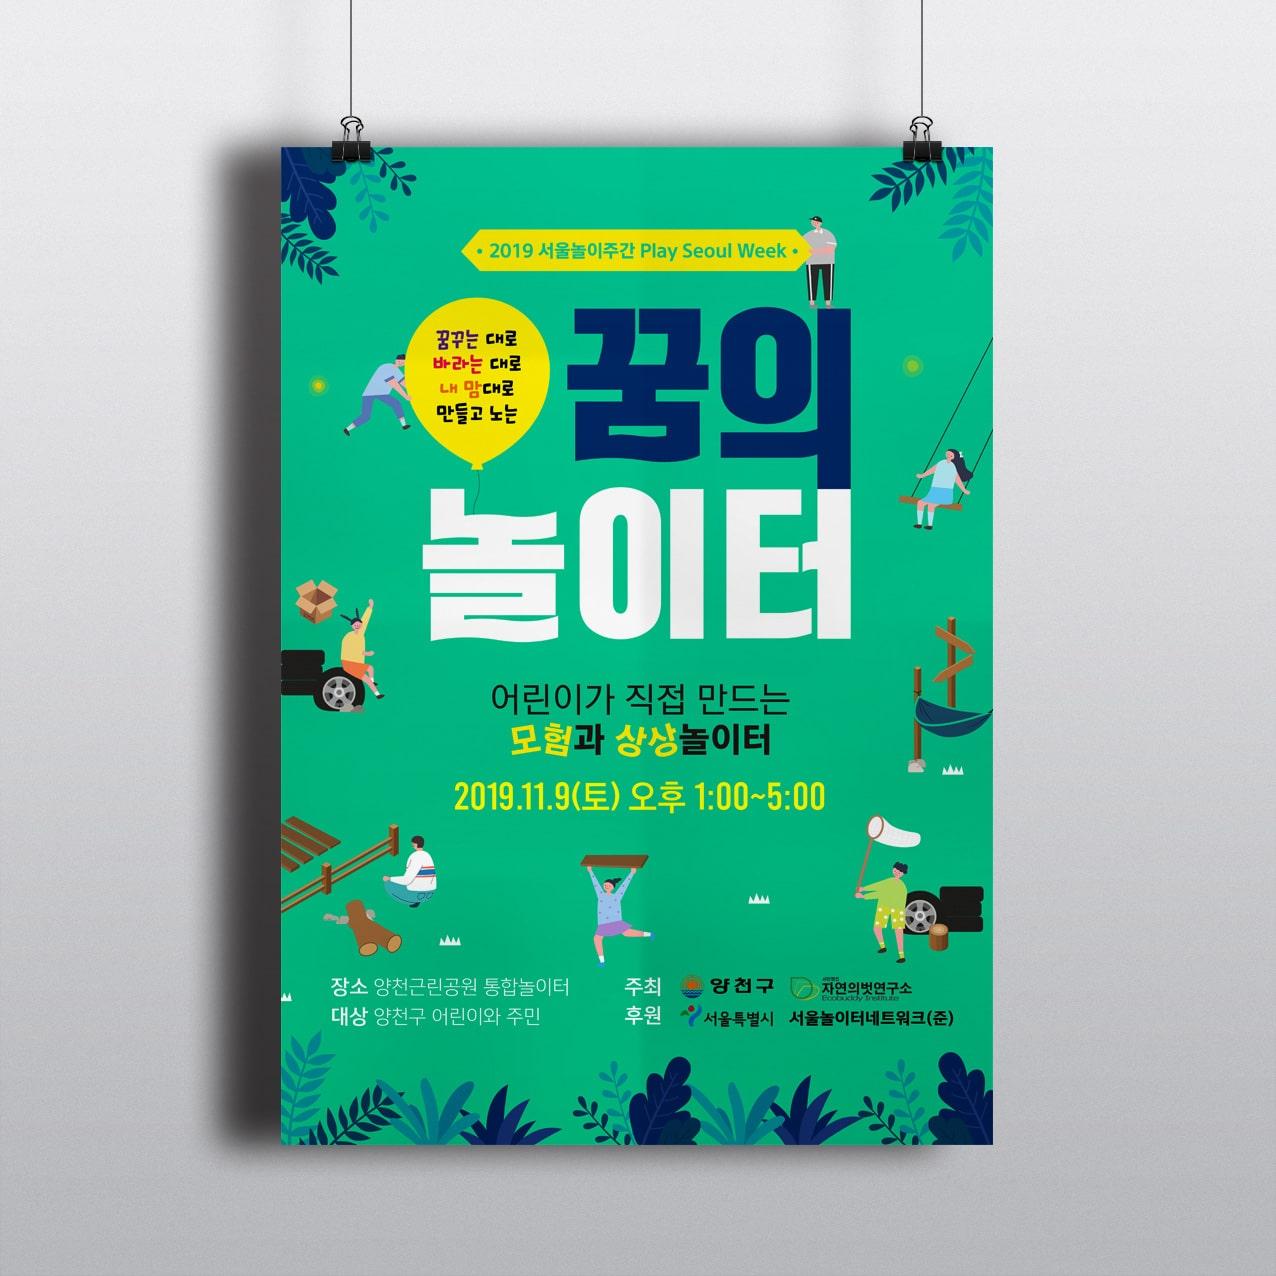 2019 서울놀이주간 꿈꾸는 대로 바라는 대로 내 맘대로 만들고 노는 꿈의 놀이터 포스터 디자인 시안 - 자연의벗연구소